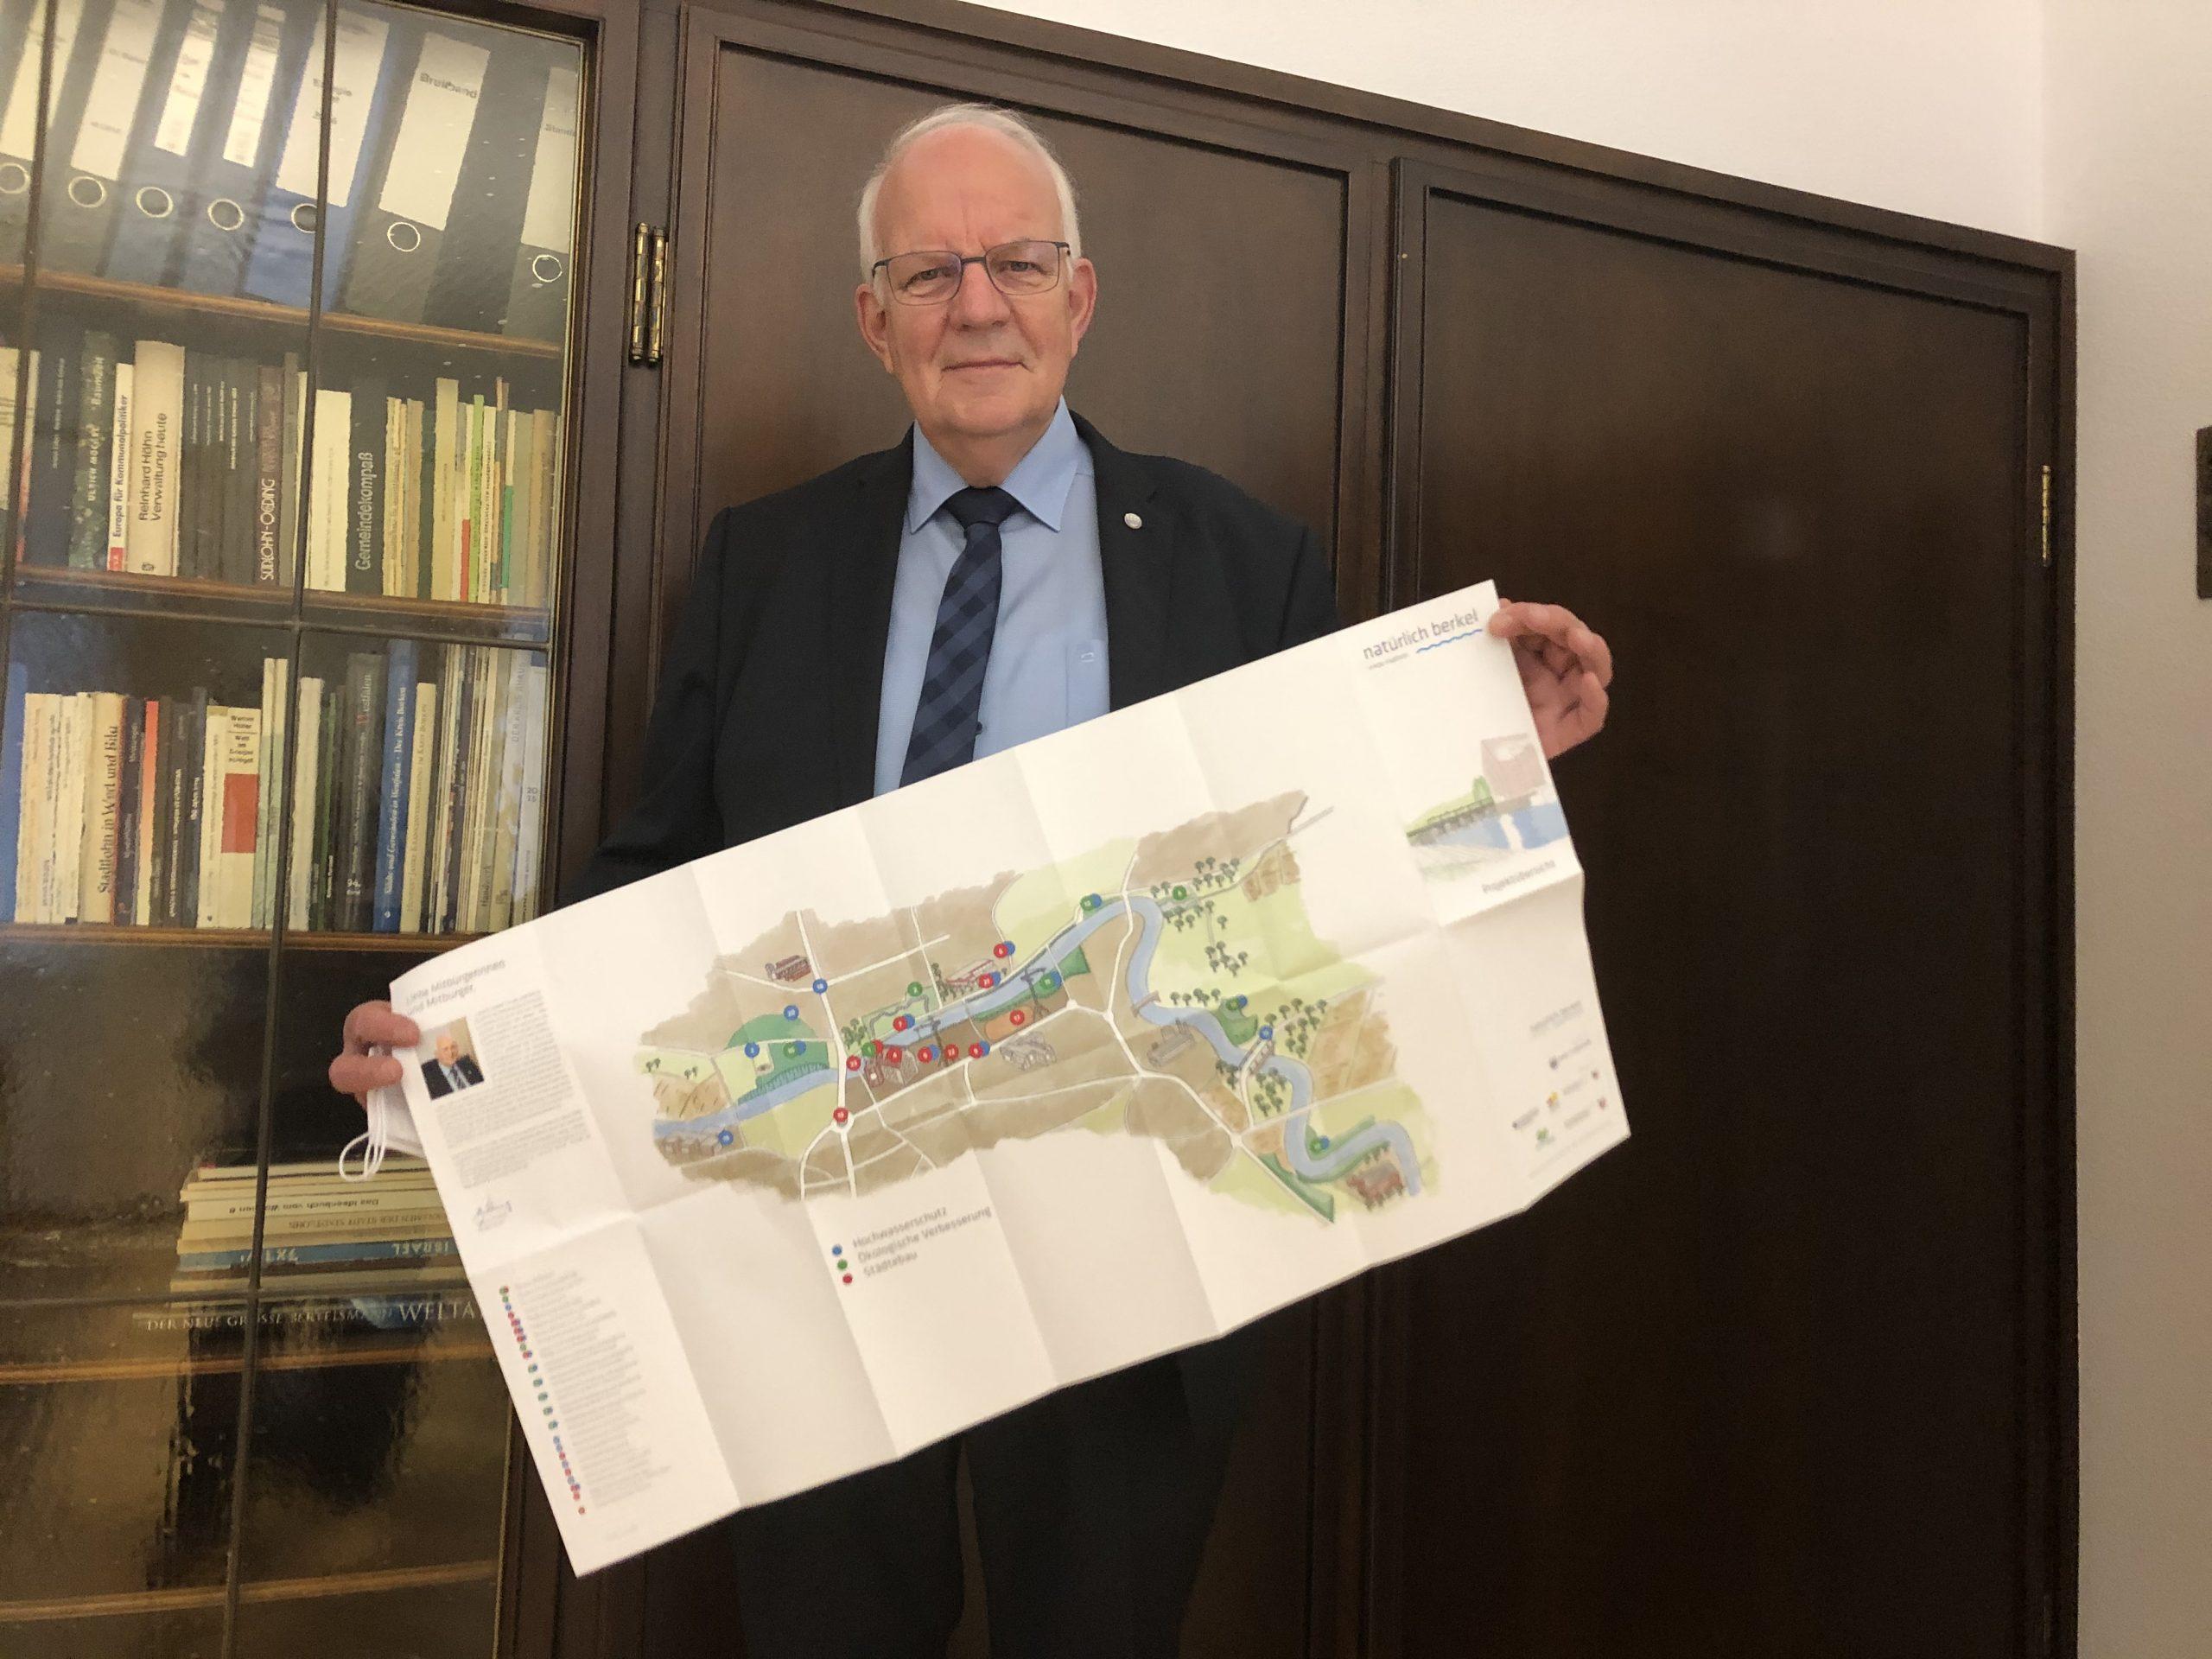 """Bürgermeister Könning mit dem Faltplan """"natürlich berkel"""""""